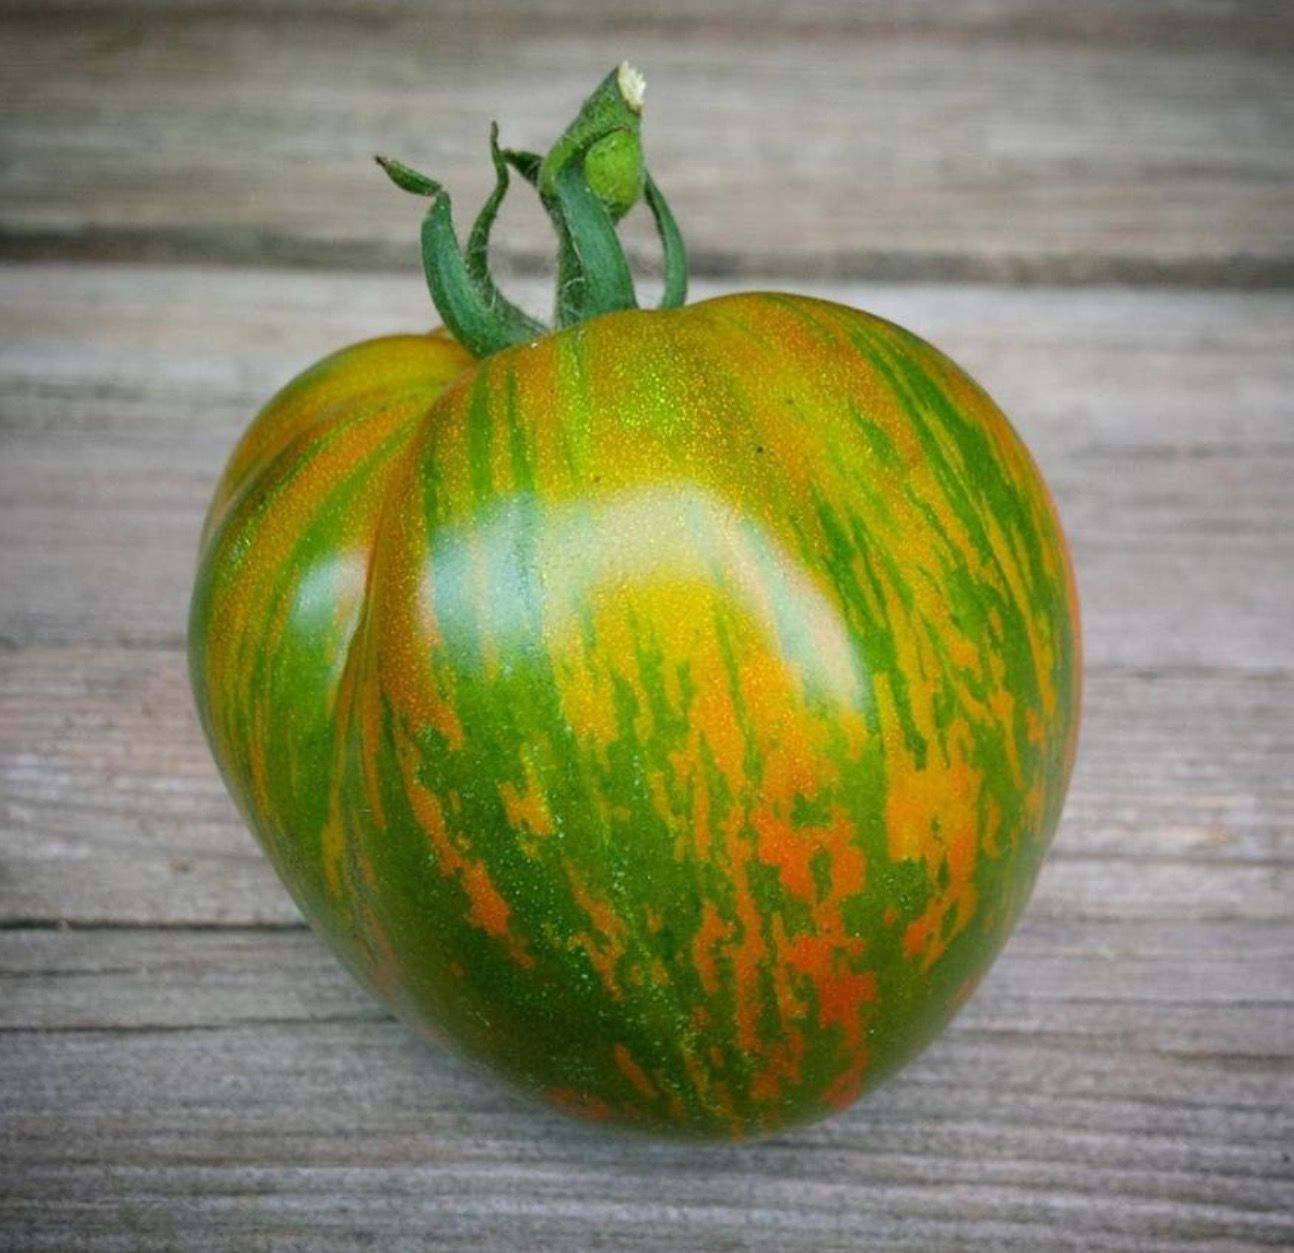 10 Seeds Tomato Vegetable Green Envy